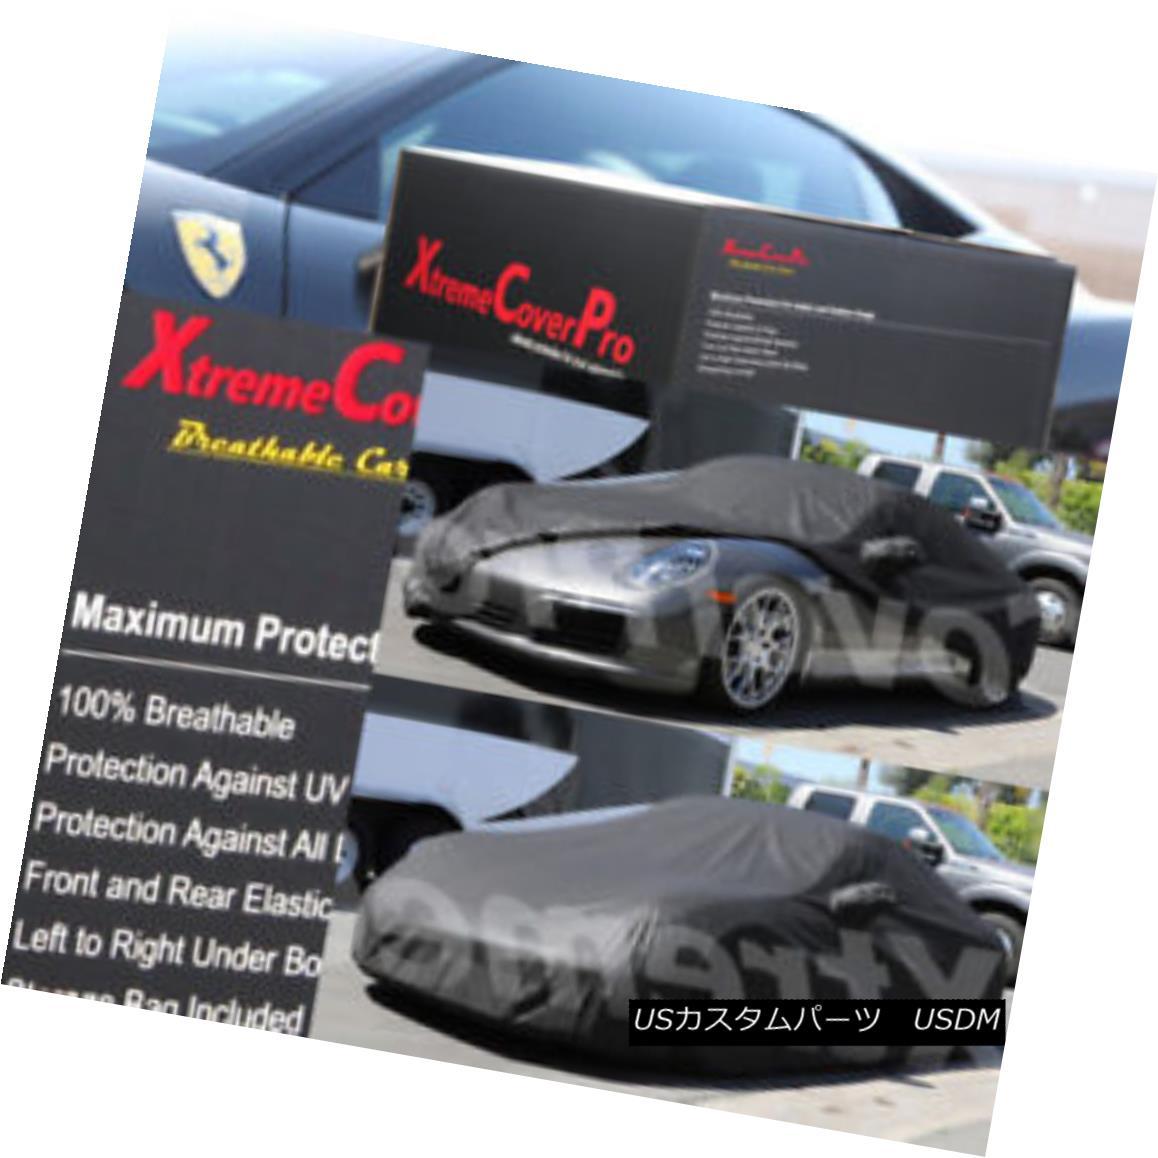 カーカバー CUSTOM FIT CAR COVER 2011 2012 2013 2014 2015 Porsche 911 Cabriolet CUSTOM FIT CAR COVER 2011 2012 2013 2014 2015ポルシェ911カブリオレ